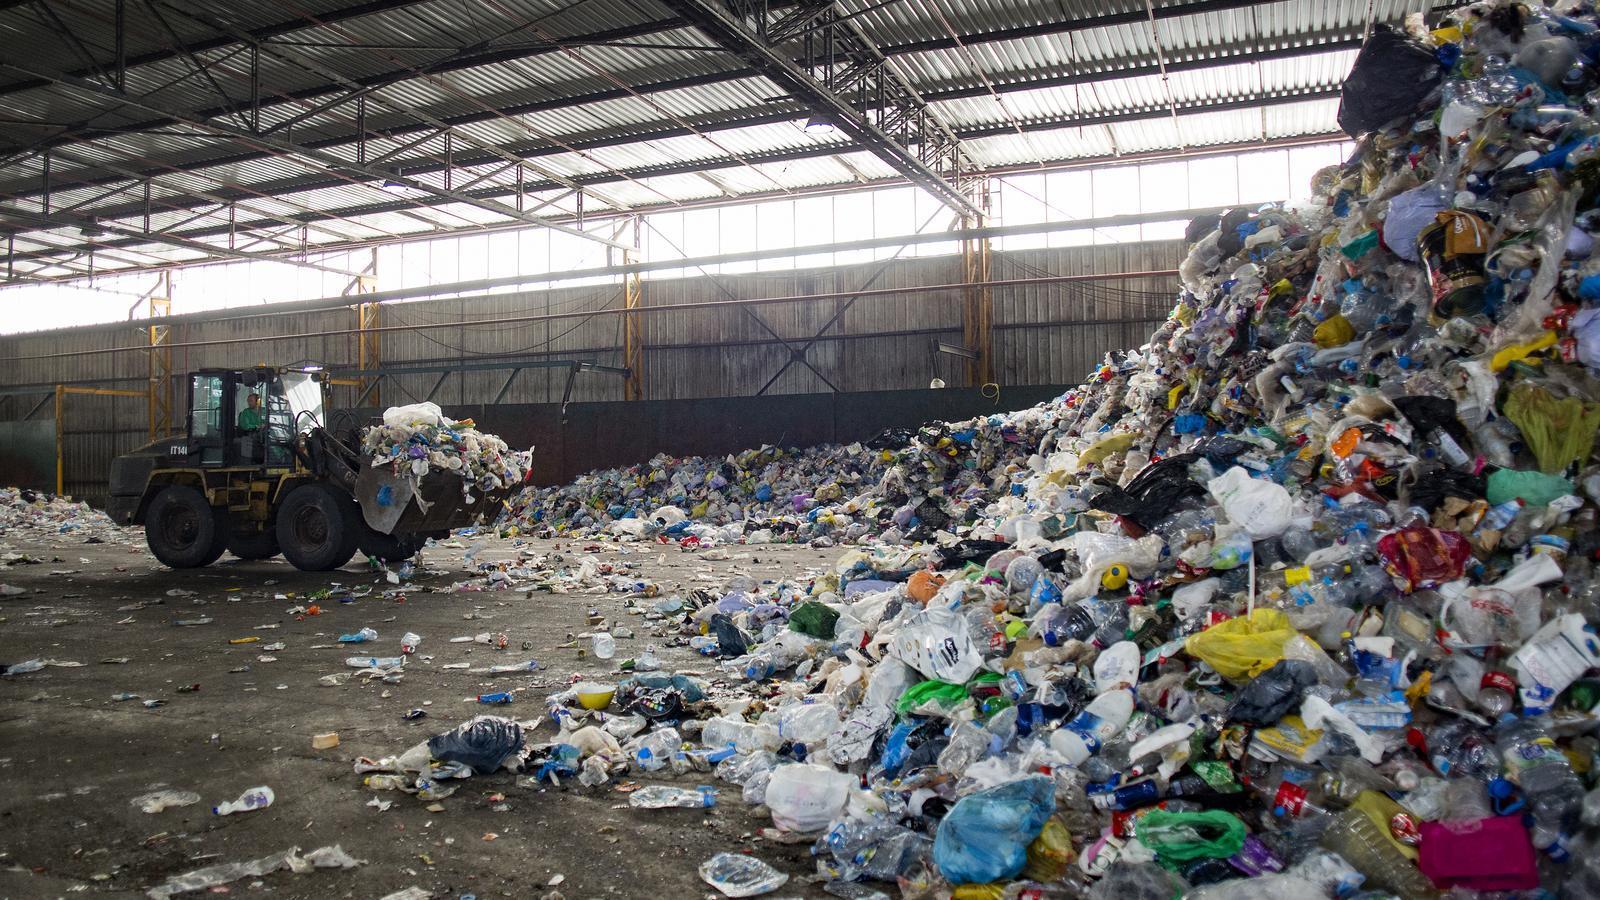 La indústria i els súpers topen pel sistema de dipòsit i retorn d'envasos a Espanya